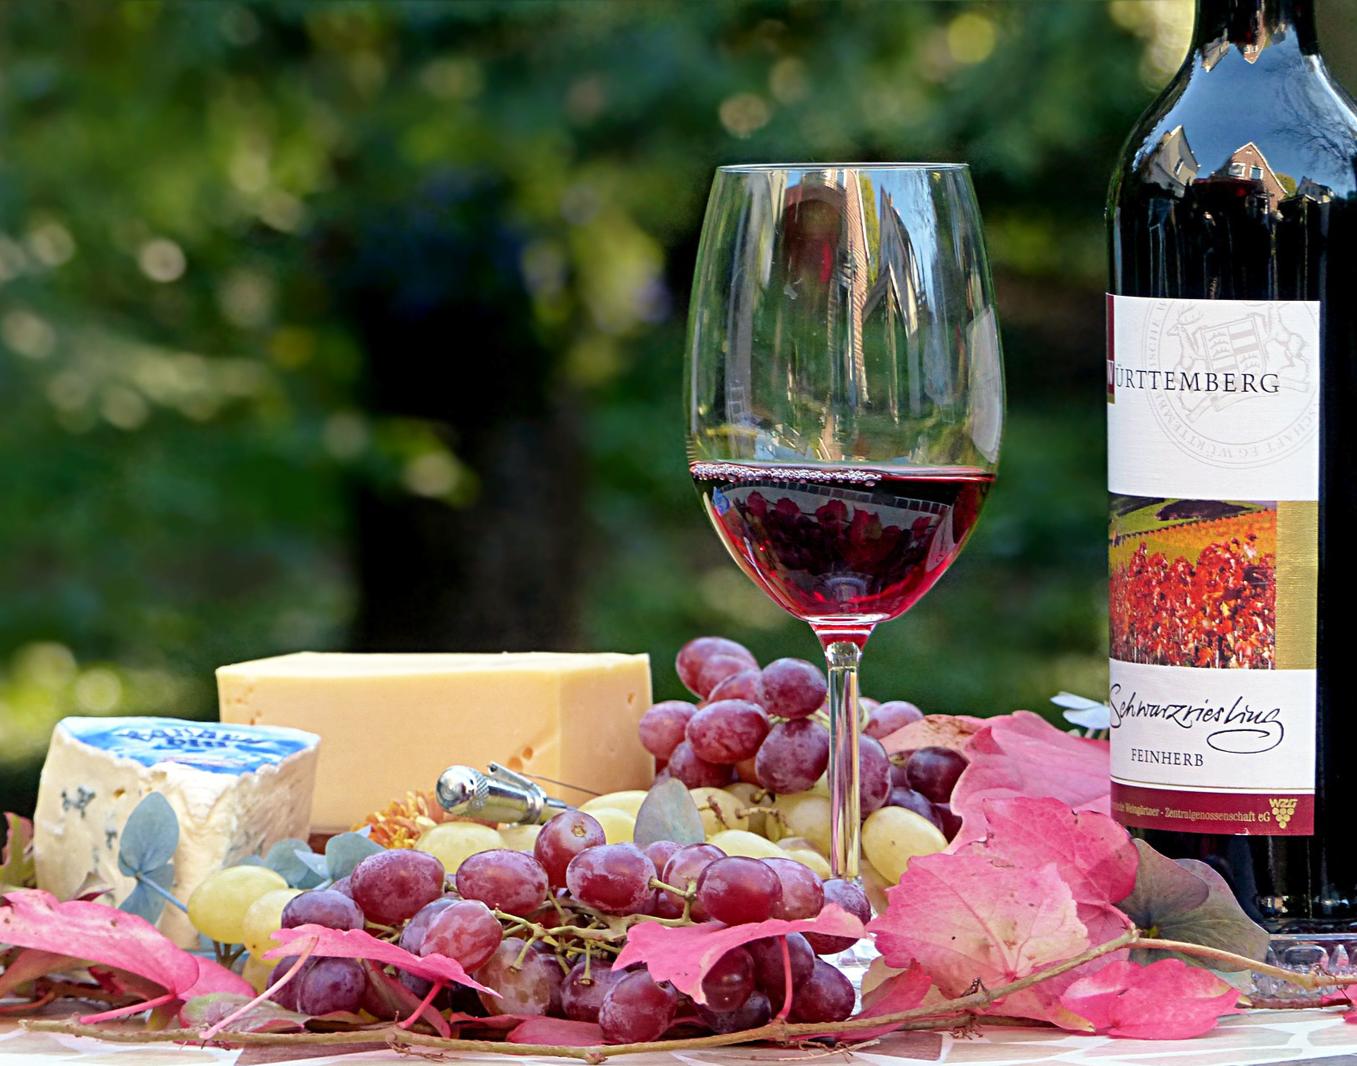 Wein und Käse Seminar Berts Weinexpress Verkostung von mehreren Weinen & Sorten Käse